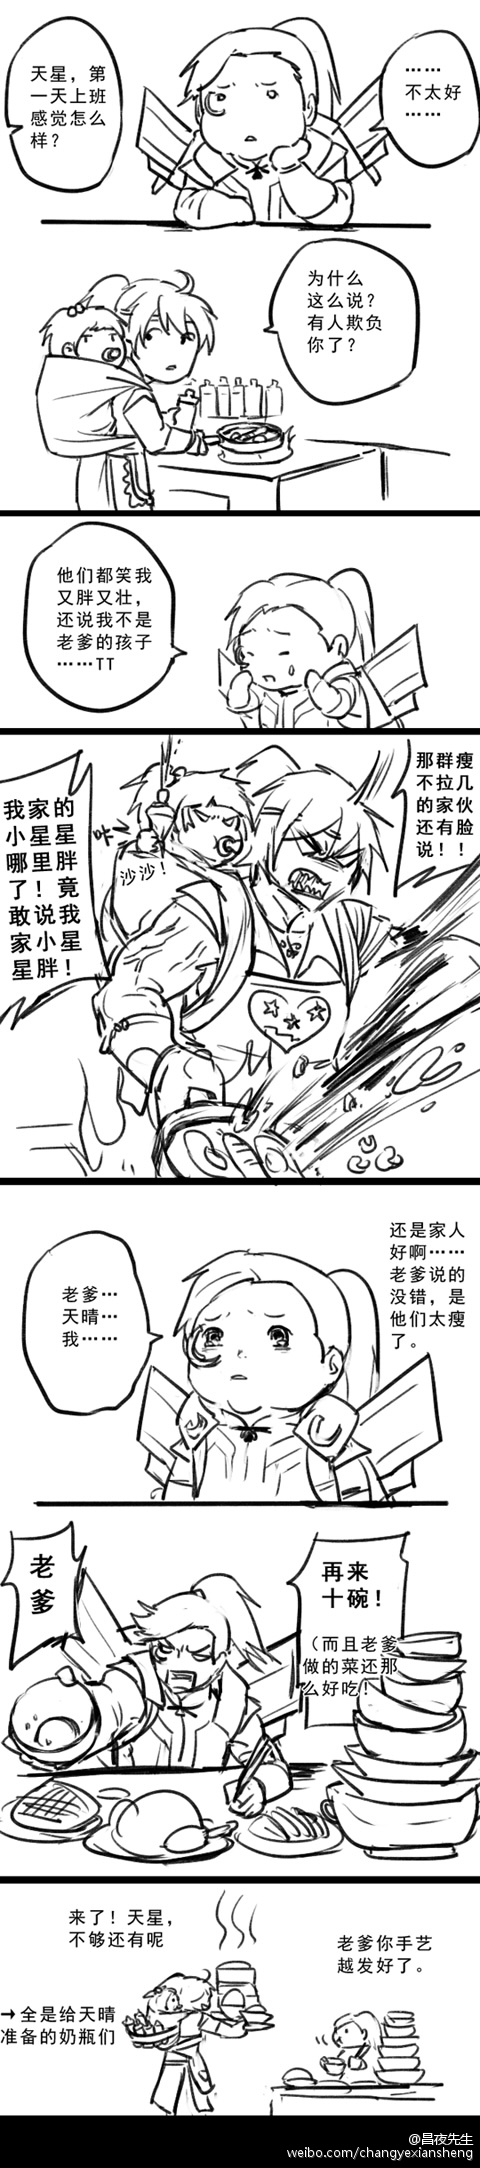 《古剑OL》搞笑同人漫画 乐天星第一天上班